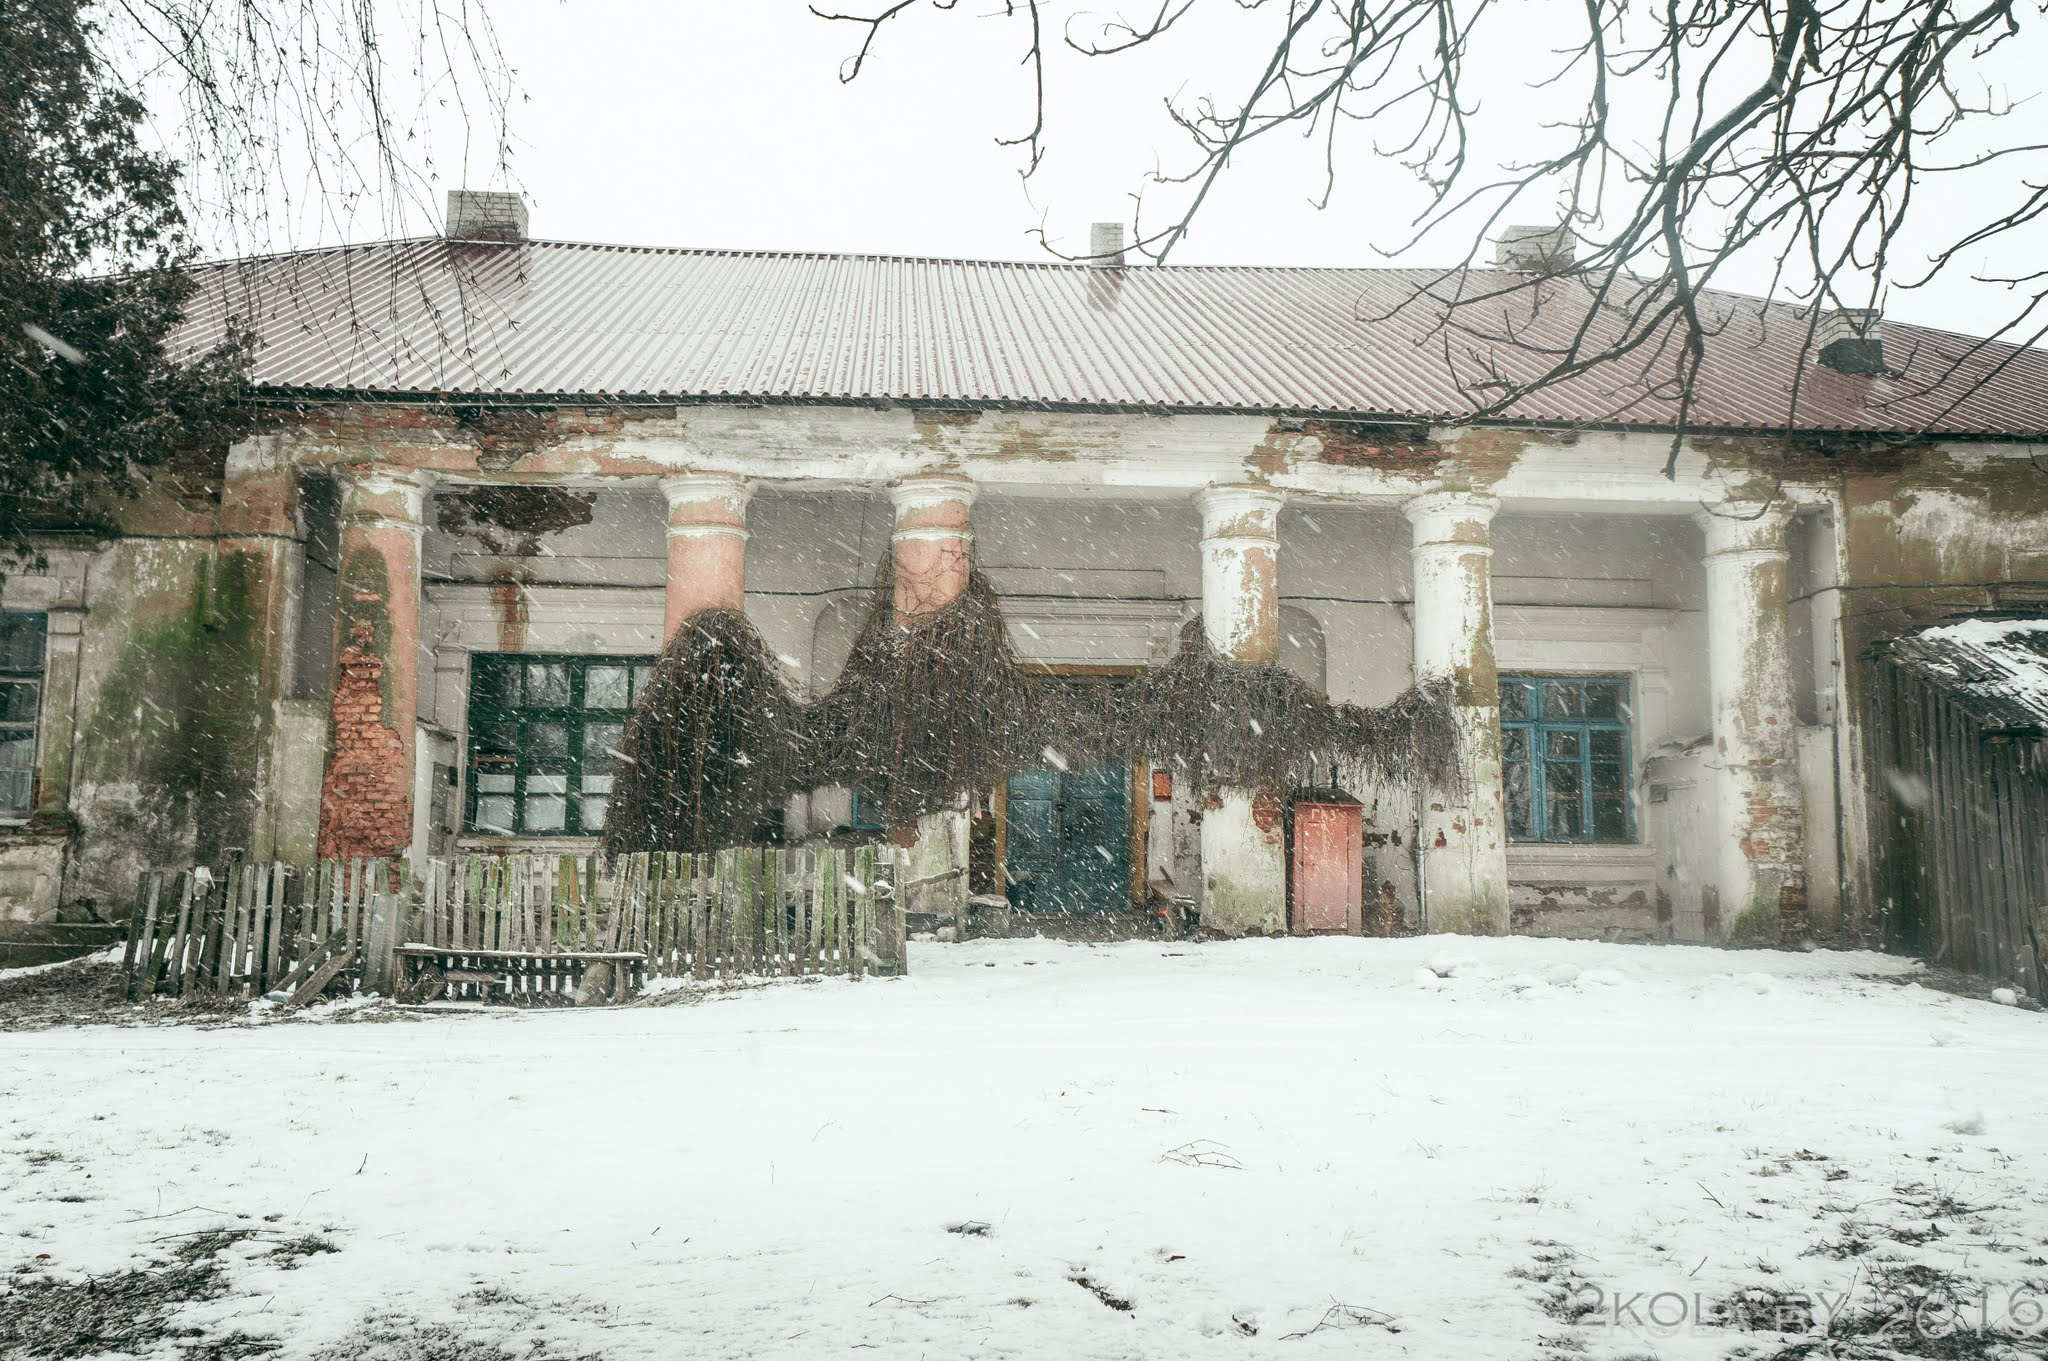 DSC08897 - Зимняя покатушка по достопримечательностям Ганцевичского и Клецкого районов.